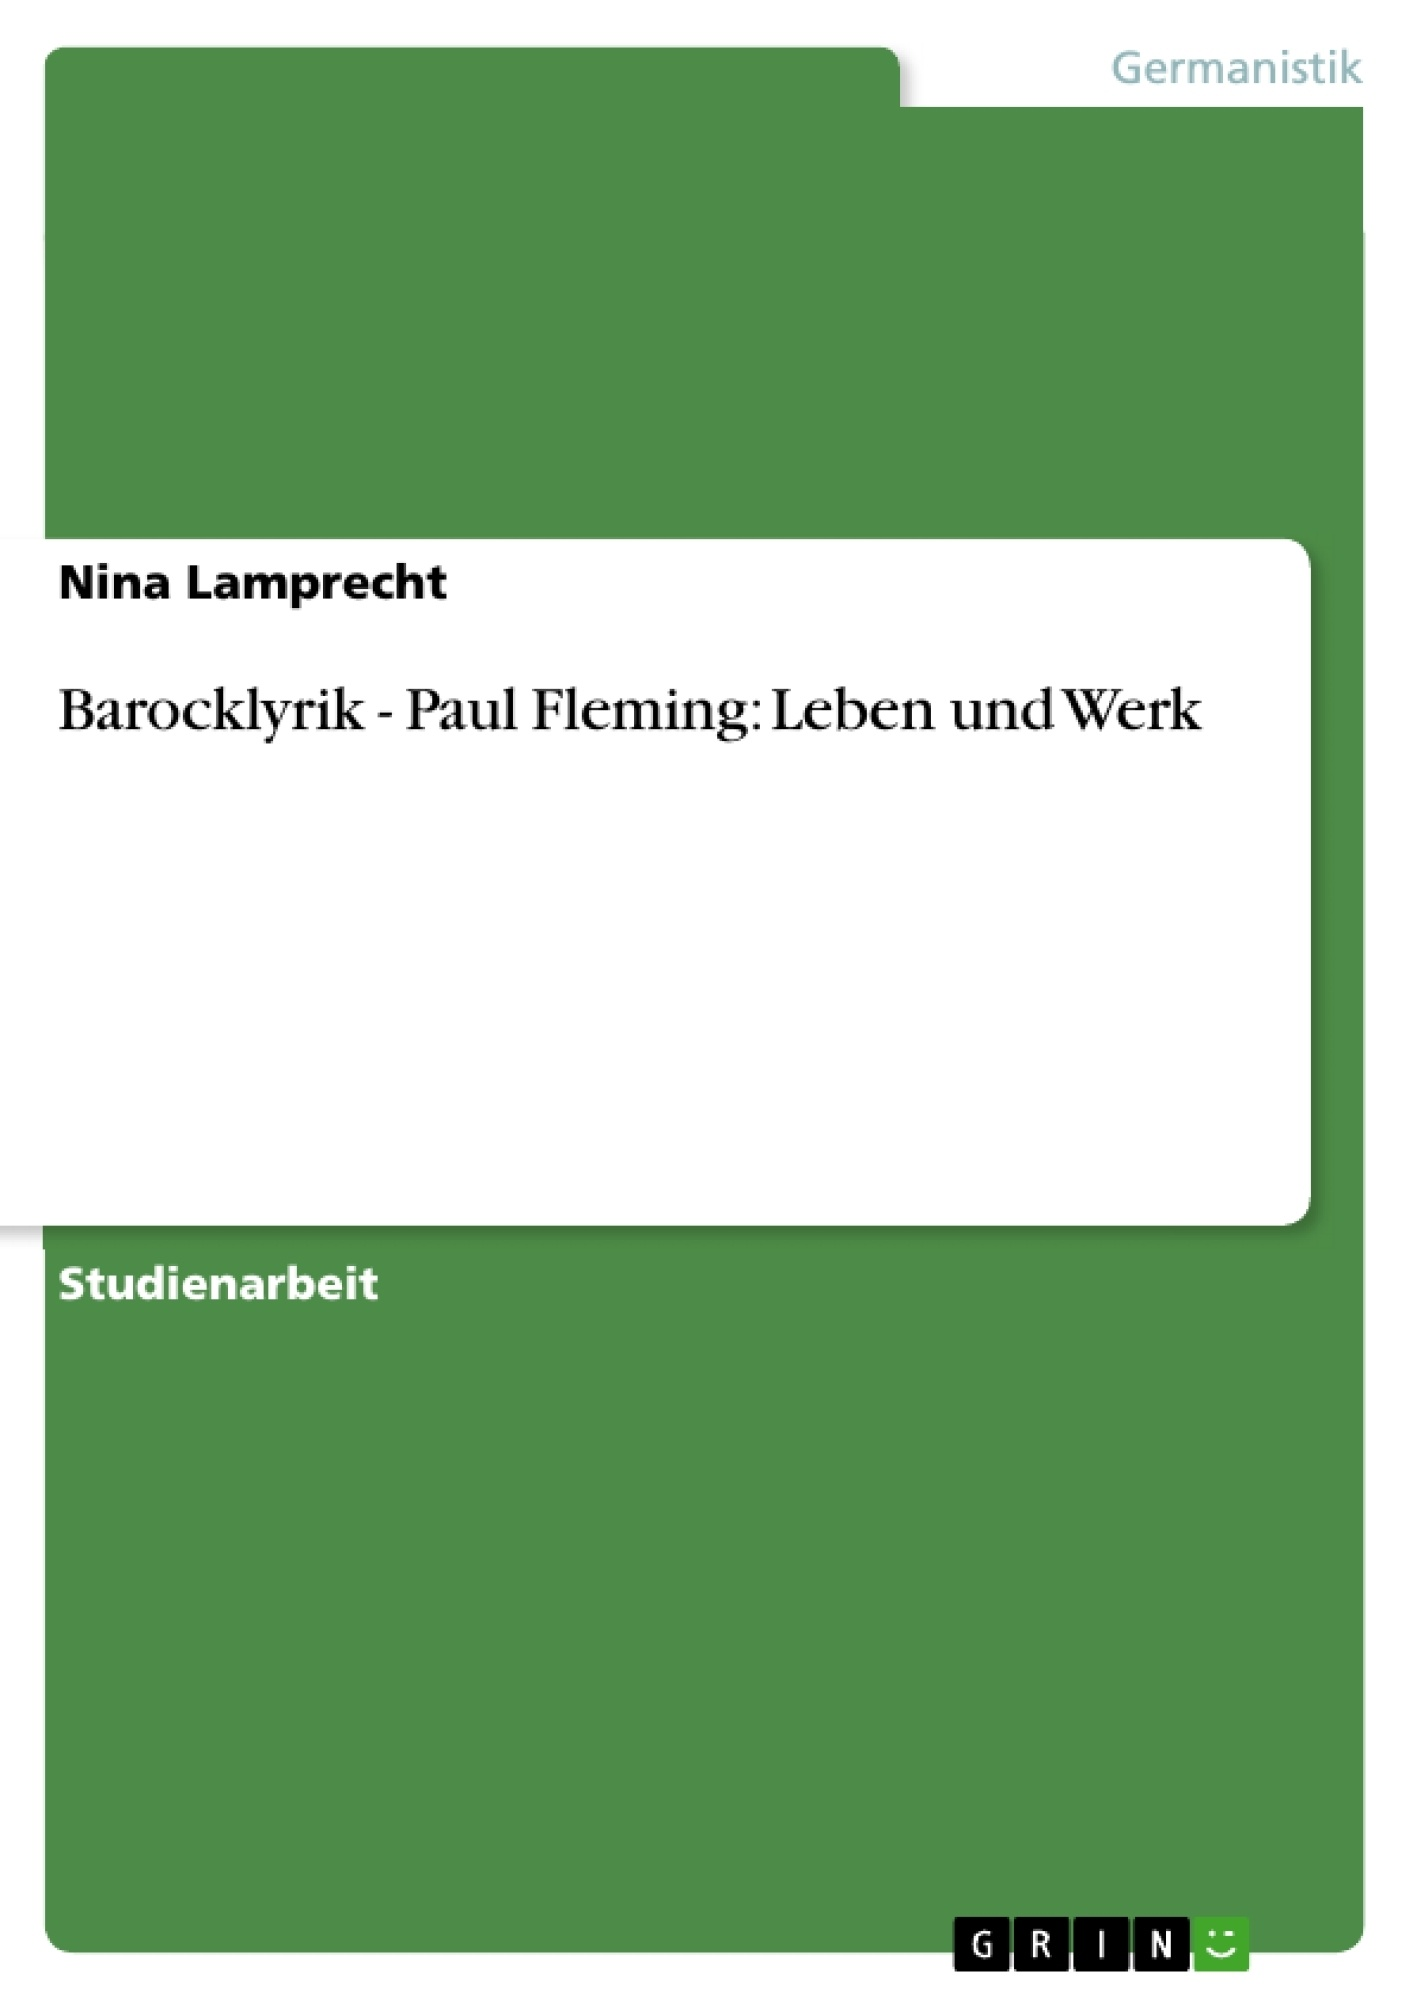 Titel: Barocklyrik - Paul Fleming: Leben und Werk